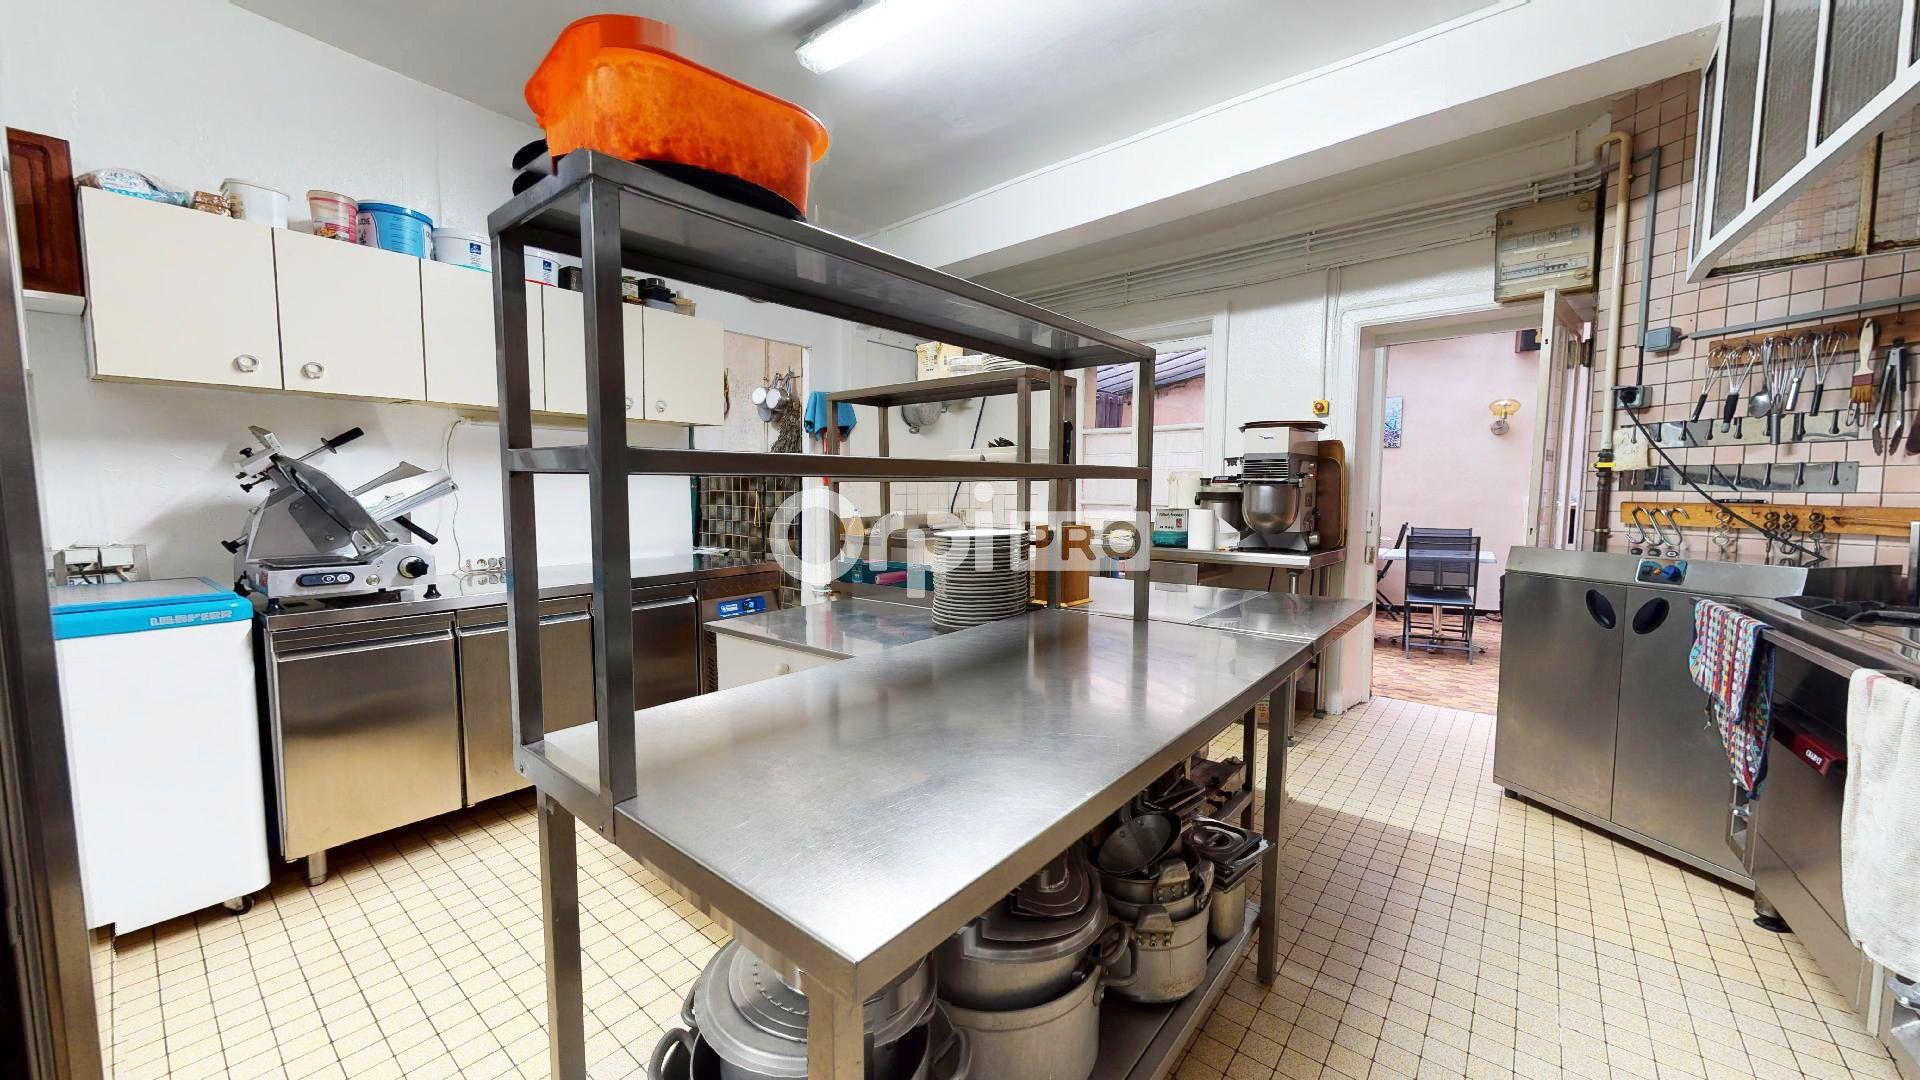 Fonds de commerce à vendre 0 396.03m2 à Villars-les-Dombes vignette-5